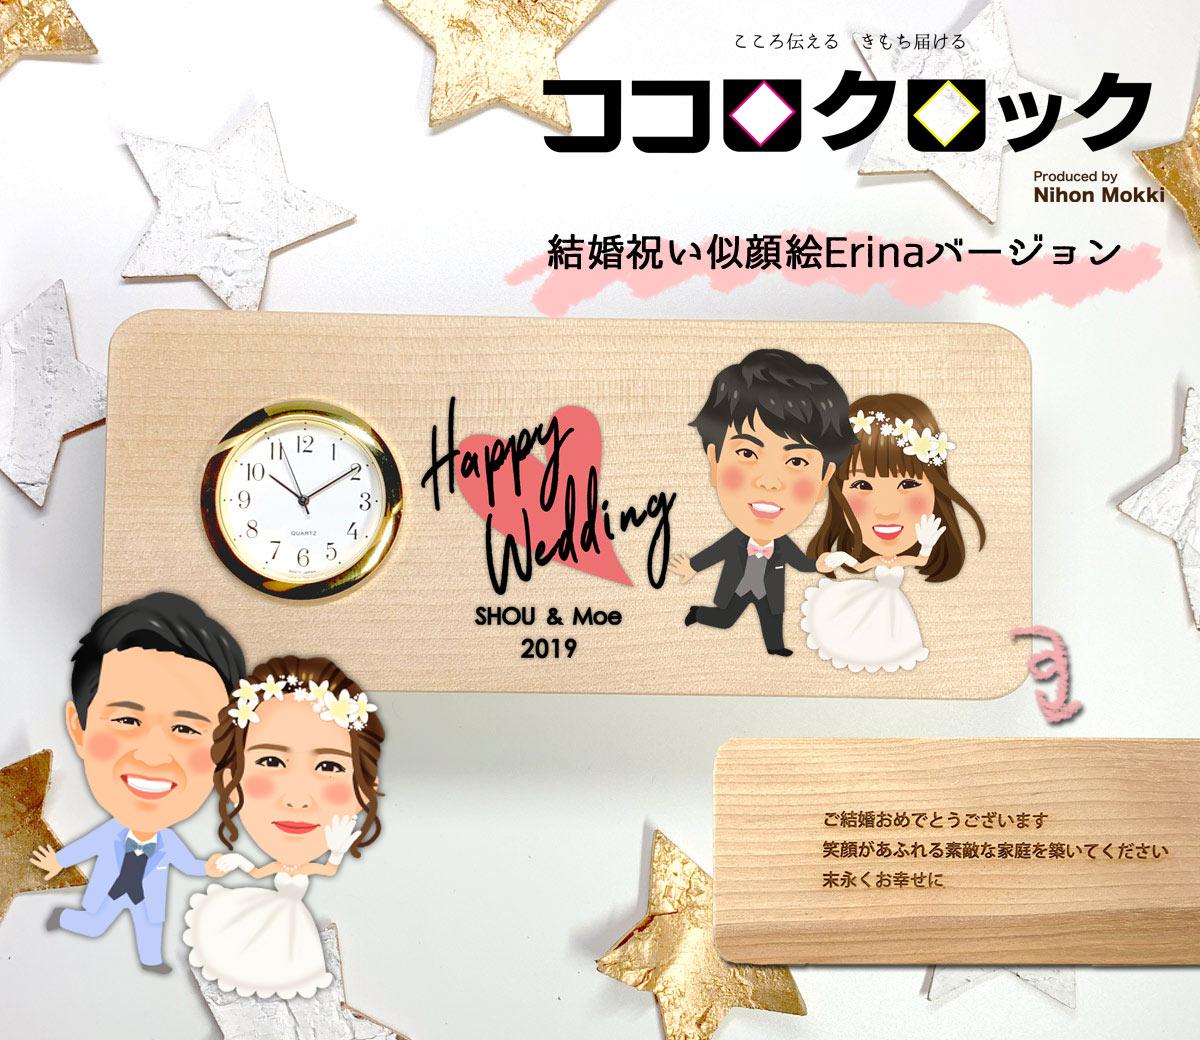 【セミオーダー 似顔絵 名入れ】ココロクロック HappyWedding置時計(作家Erina)結婚祝い 結婚記念 お好きなメッセージ・記念日刻印 SEIKO 木製 日本製